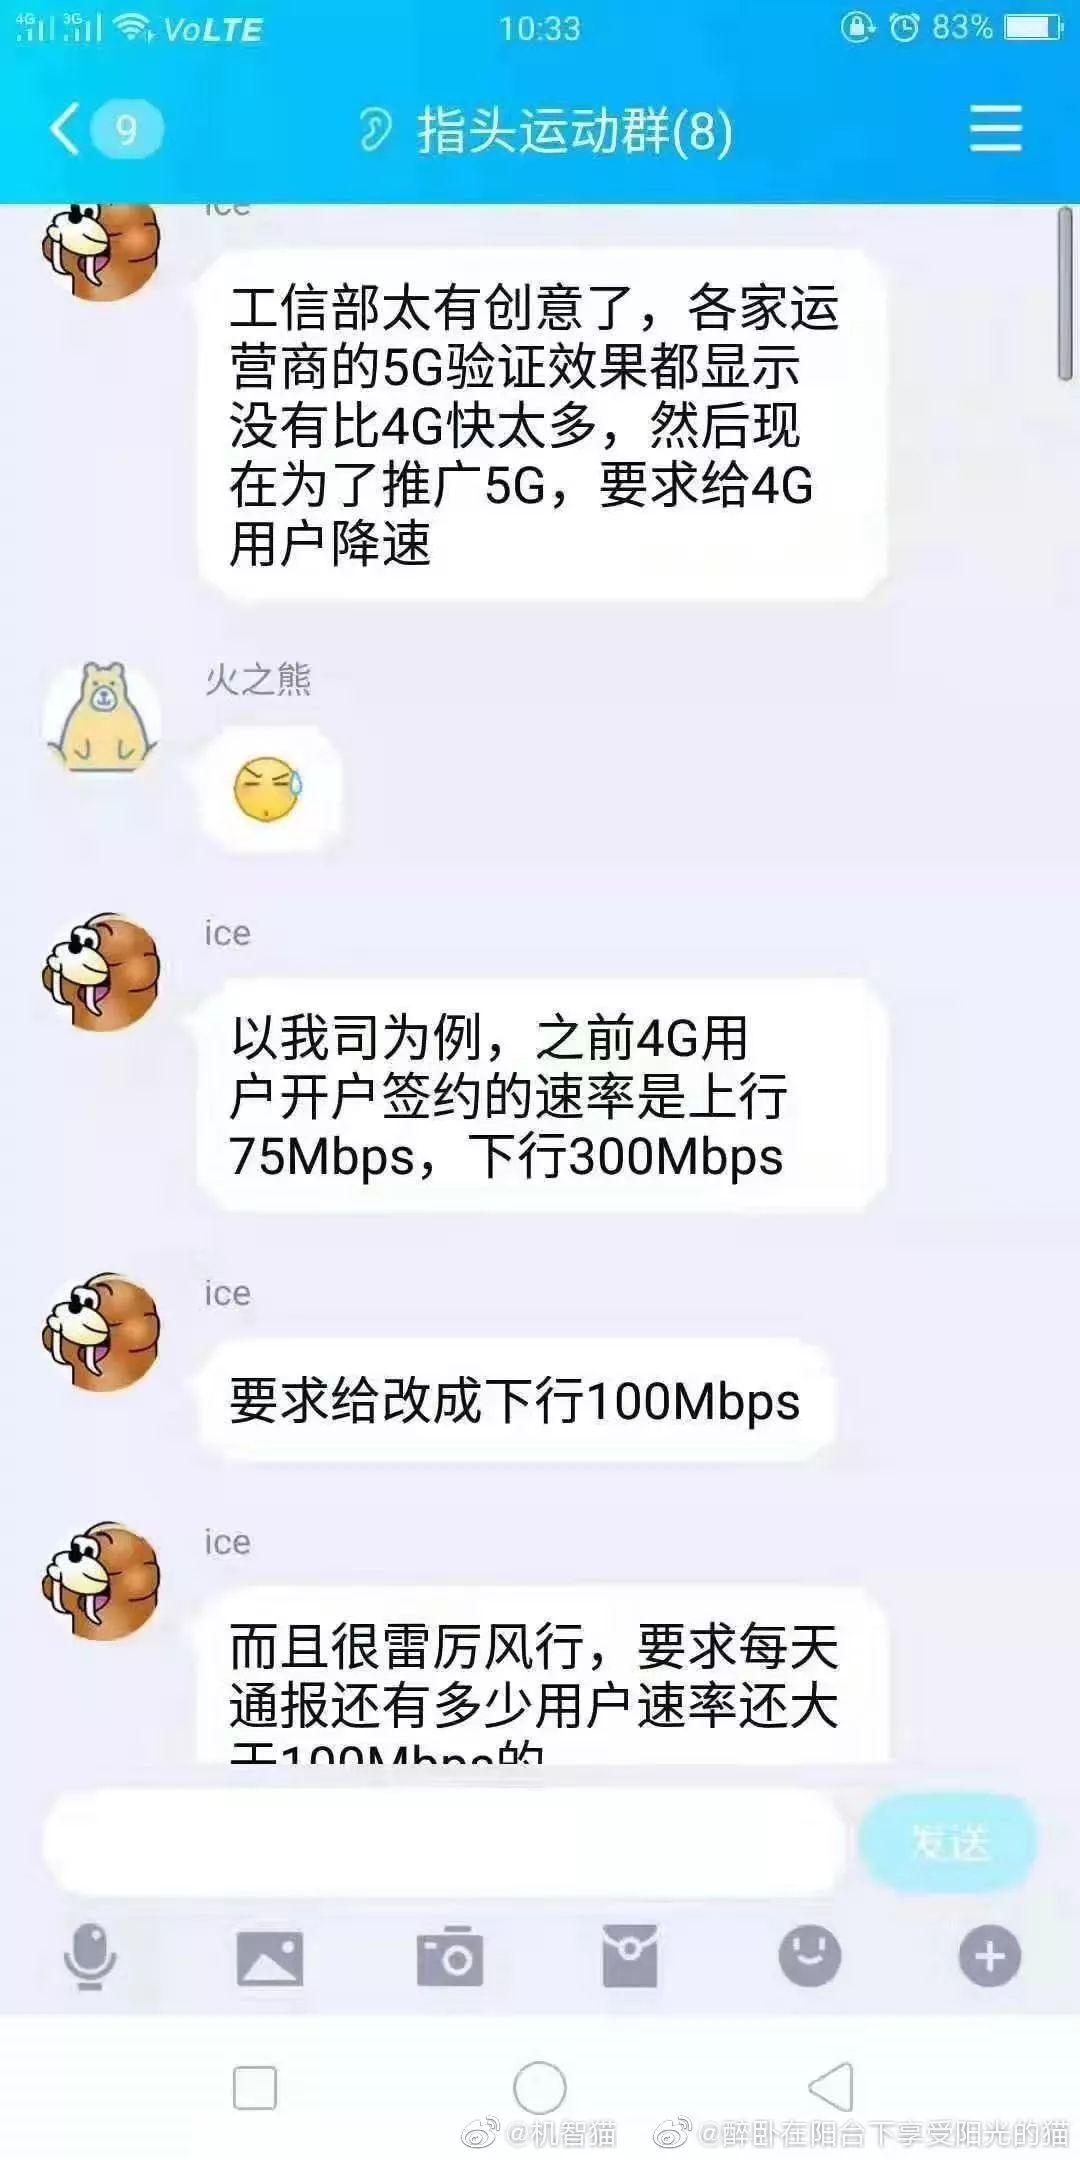 降低4G速度是为推广5G?移动联通电信客服均否认